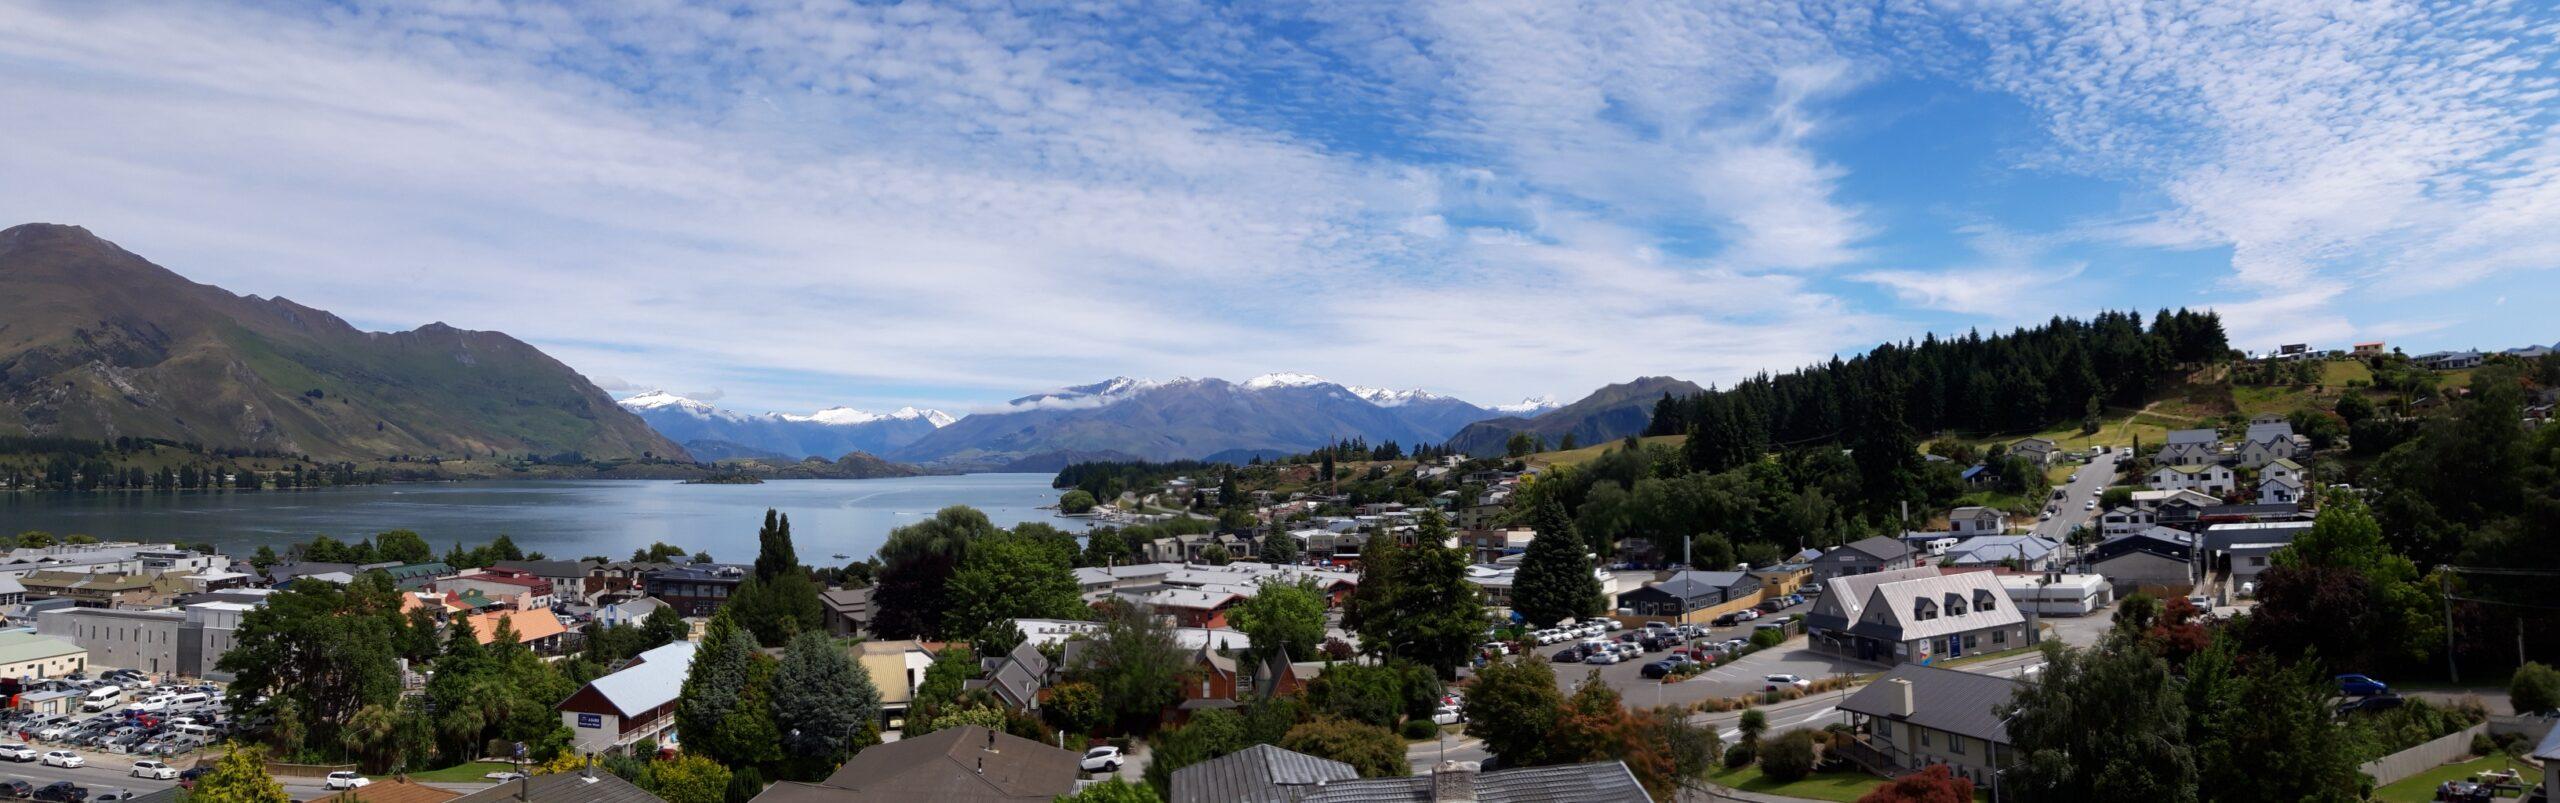 20191221_111734 - Neuseeland - Otago - Wanaka- Wanaka See - Kriegsdenkmal - Erster Weltkrieg - Zweiter Weltkrieg - Panorama Berge mit Schnee